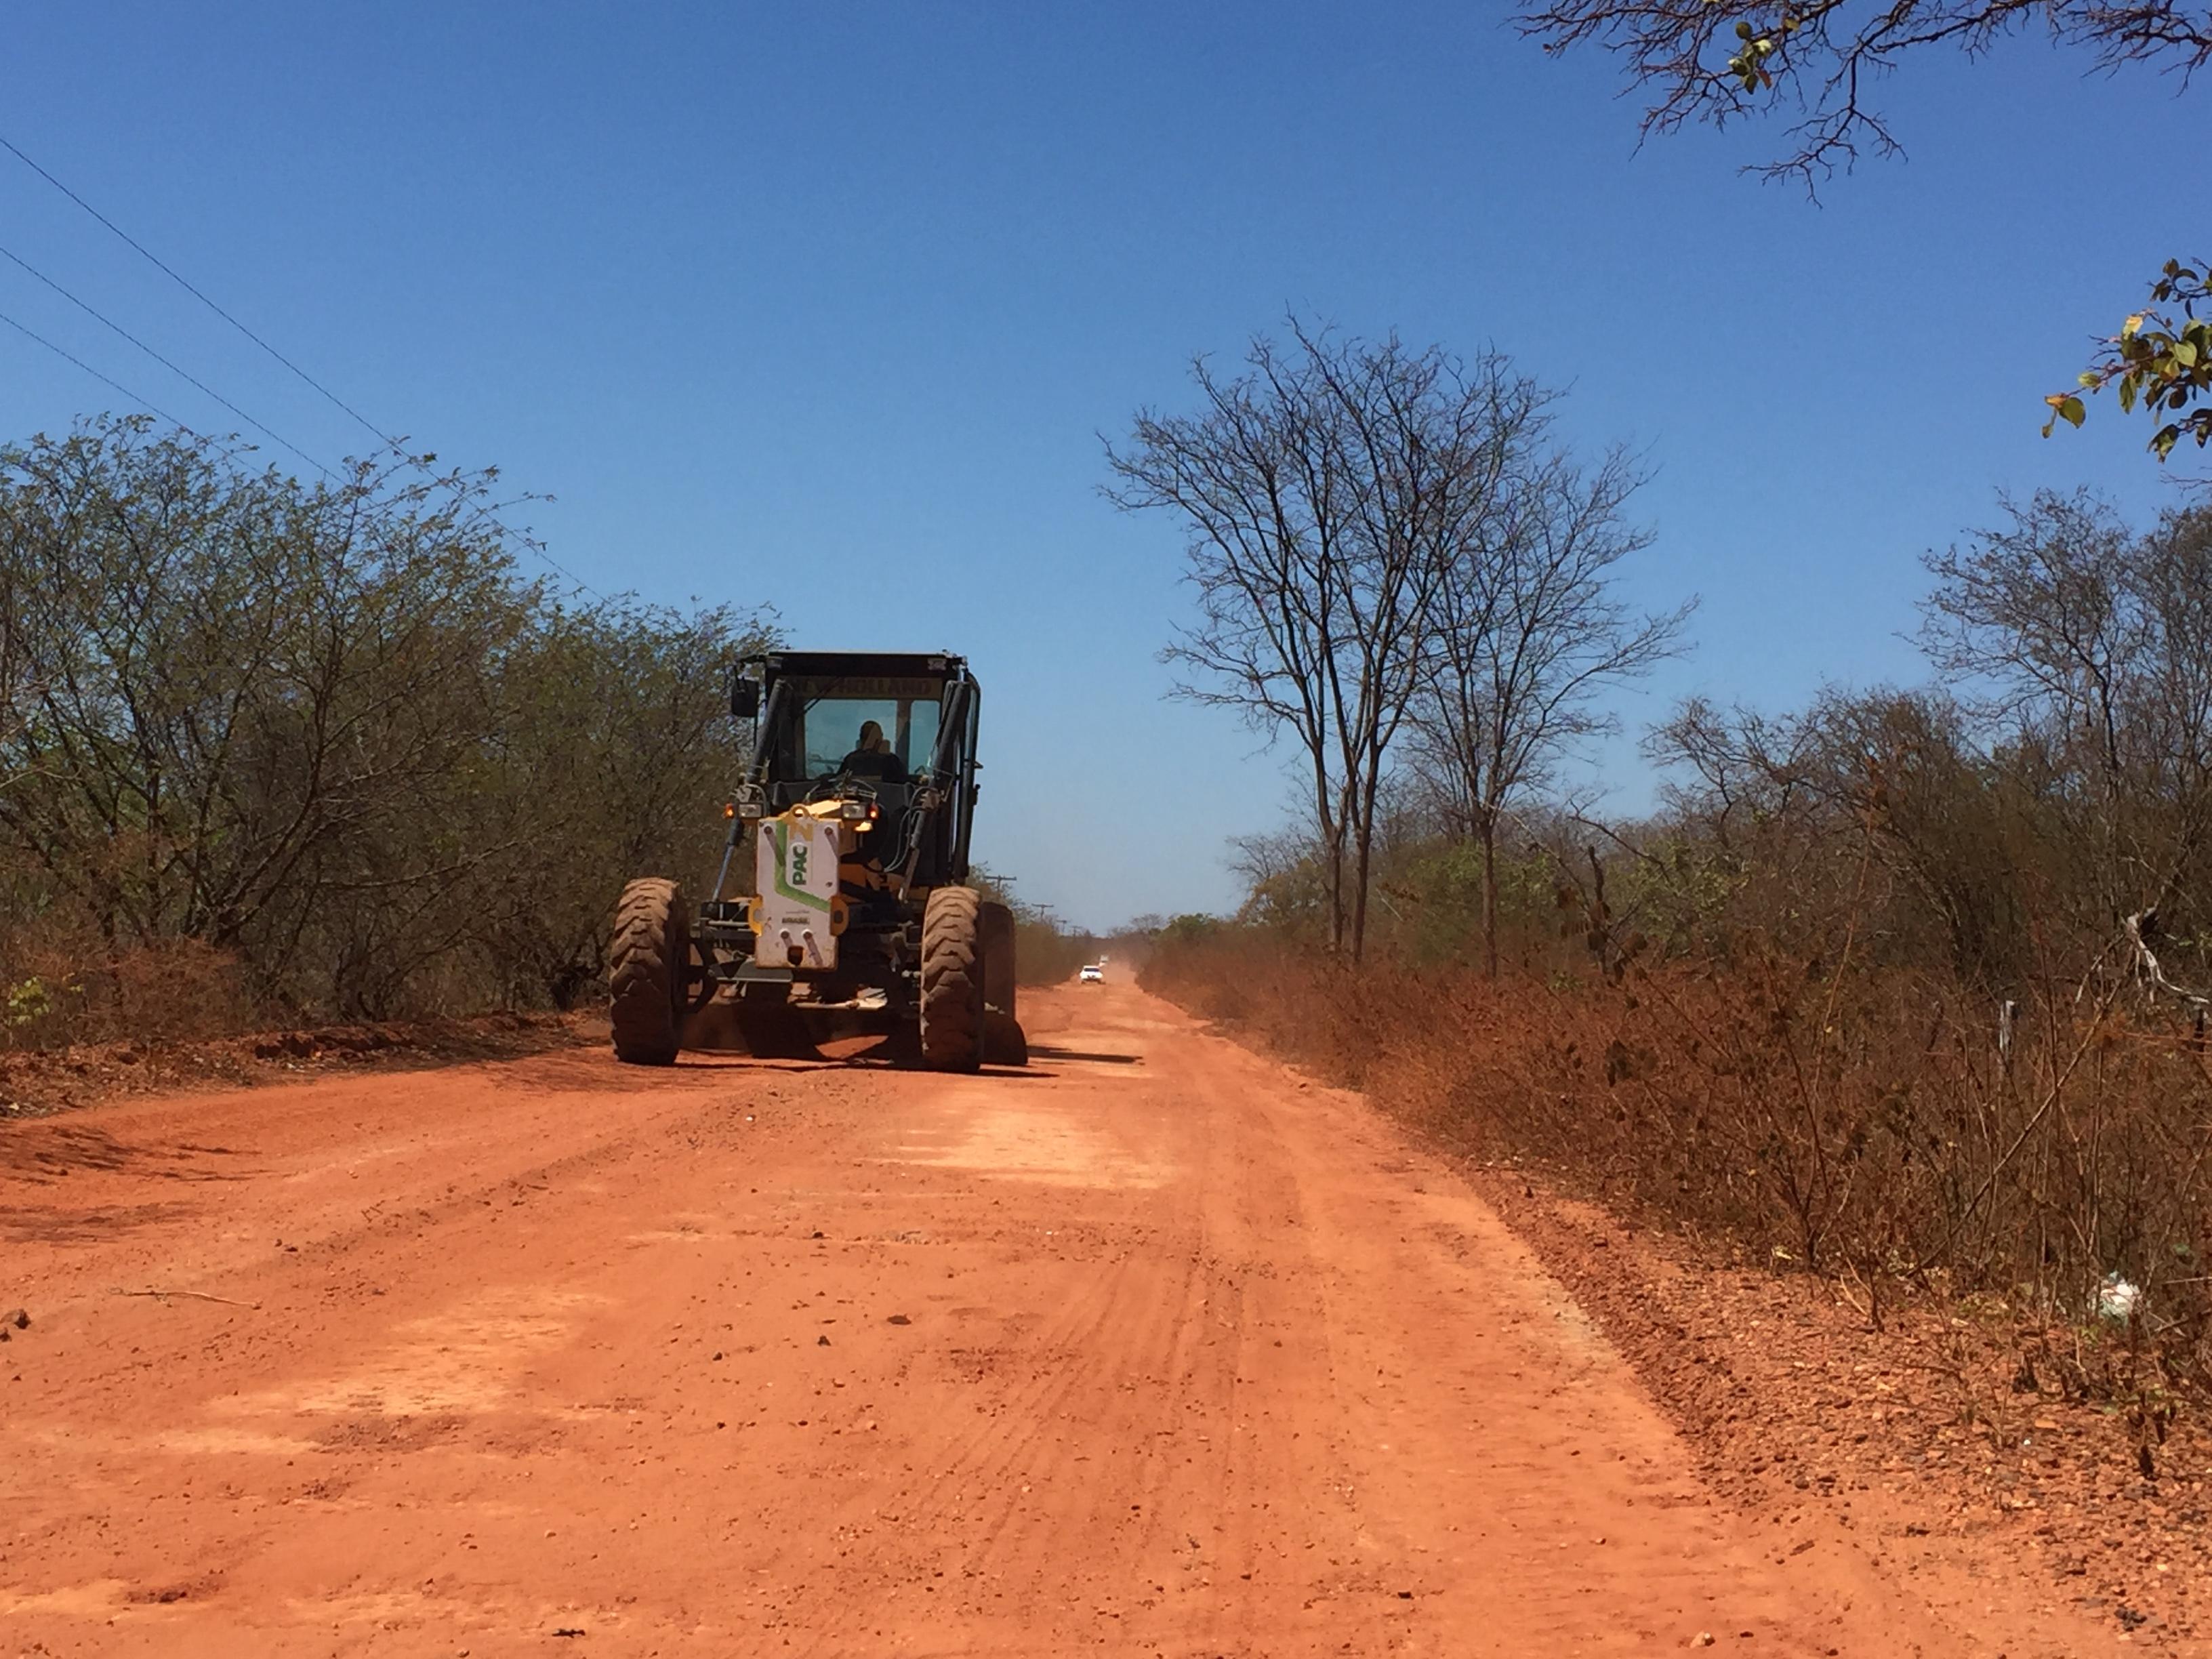 Estradas vicinais passam por manutenção para melhoria do acesso às comunidades rurais